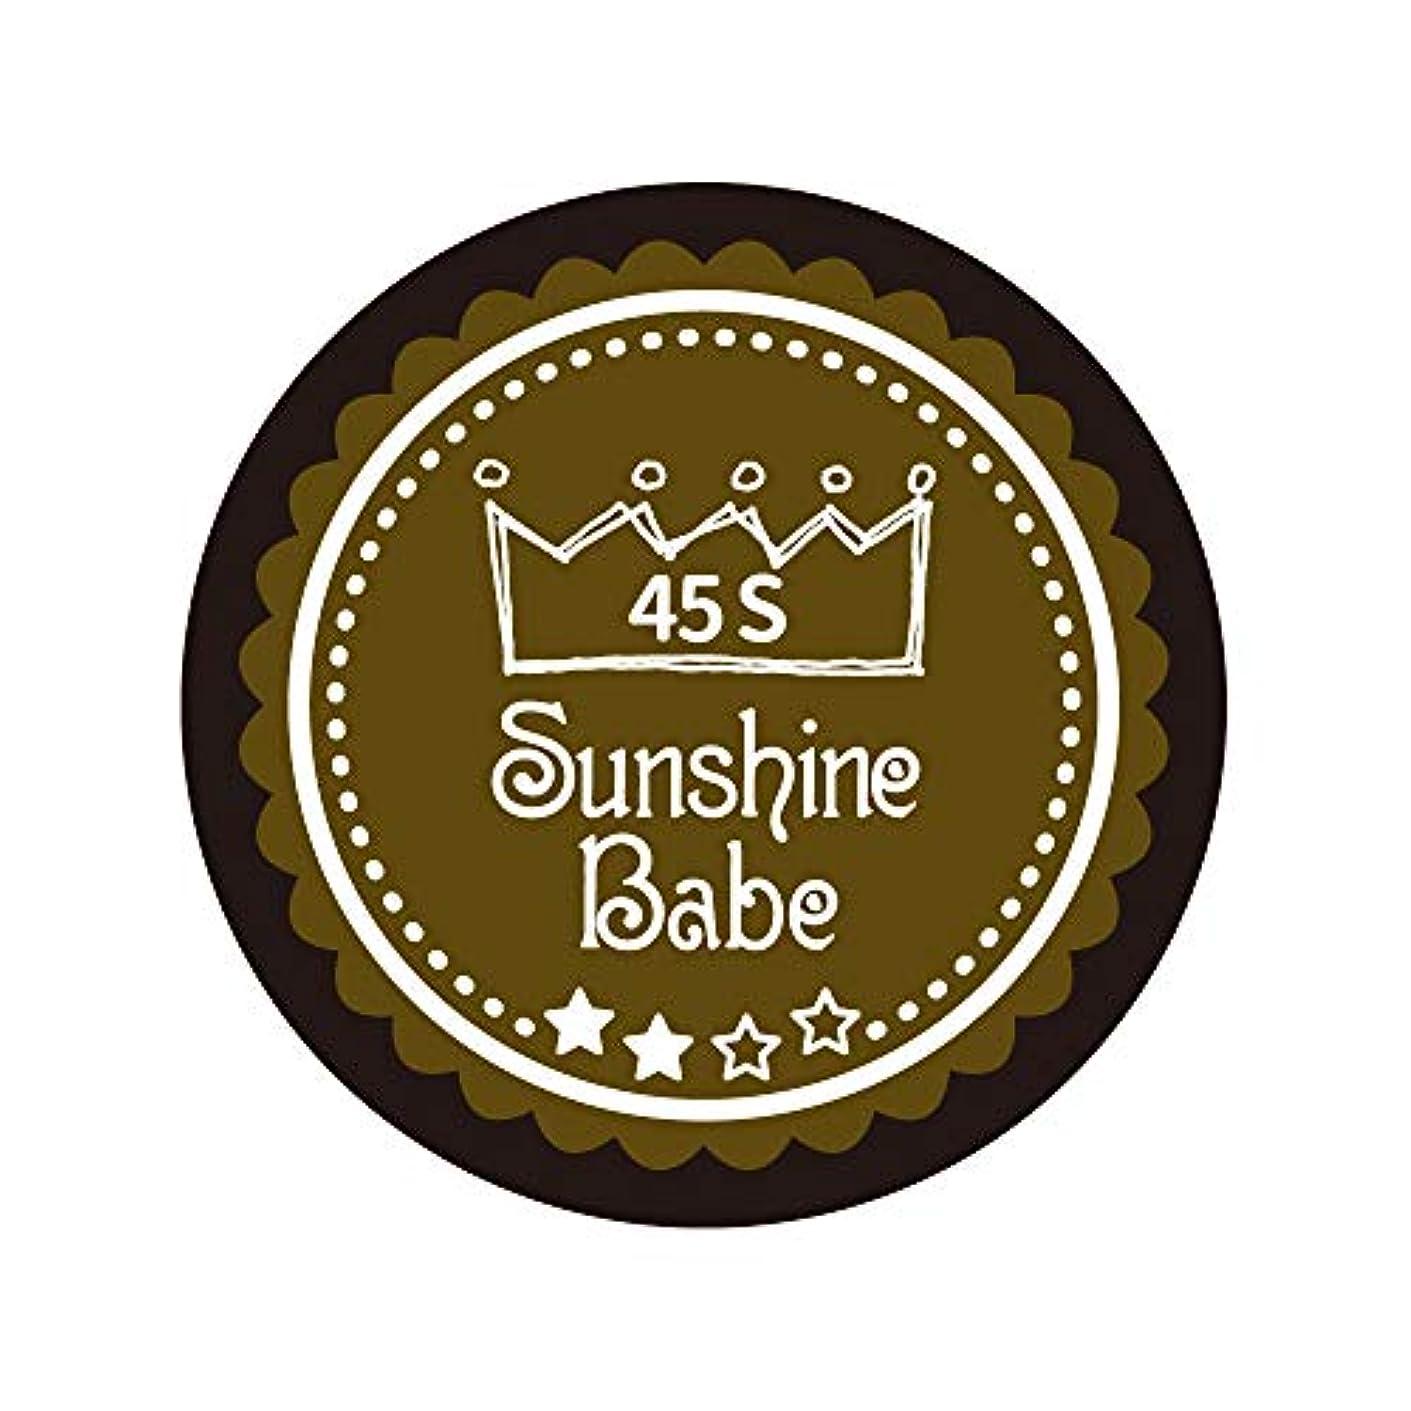 レッドデートバット褐色Sunshine Babe カラージェル 45S マティーニオリーブ 2.7g UV/LED対応